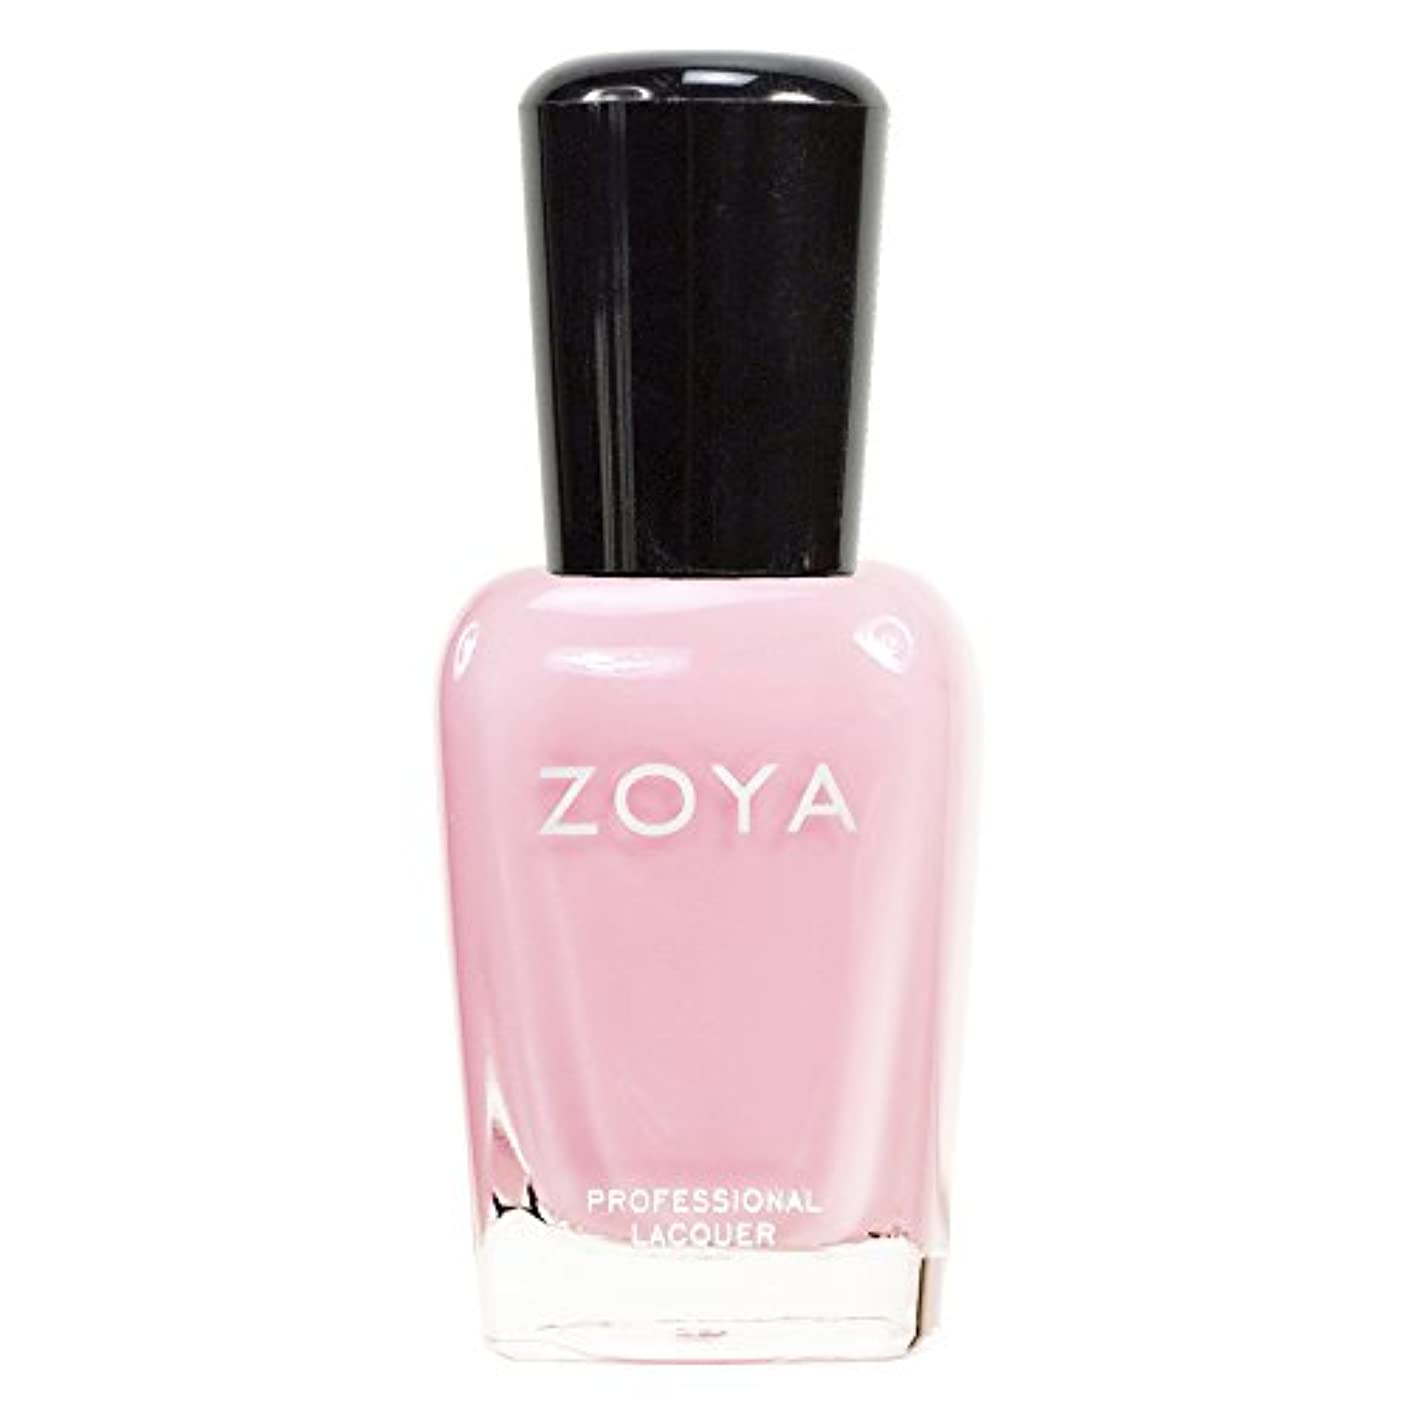 教授調整行ZOYA ゾーヤ ネイルカラーZP315 BELA ベラ 15ml 淡く優しいクリーミーなピンク マット 爪にやさしいネイルラッカーマニキュア